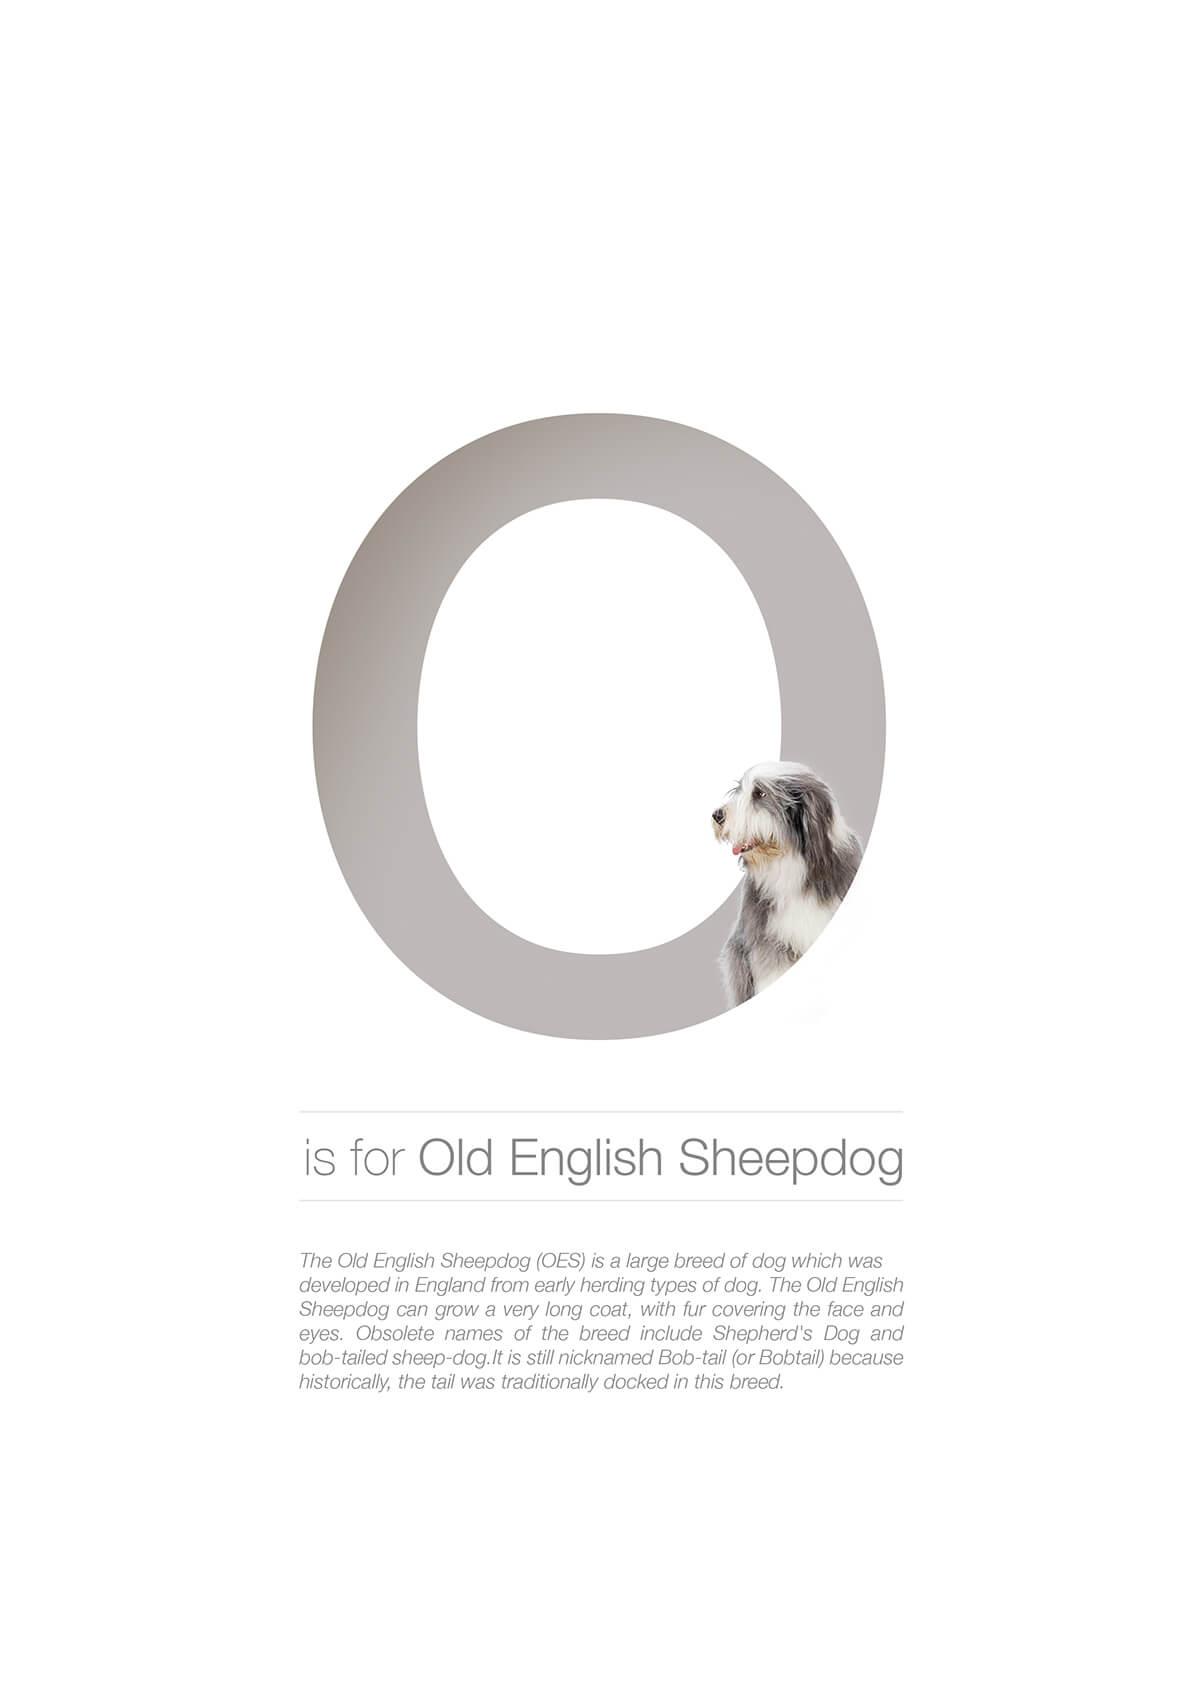 O ตัวอักษรกราฟฟิค A Z สายพันธุ์หมาไอเดียน่ารักจากดีไซน์เนอร์โรมาเนีย